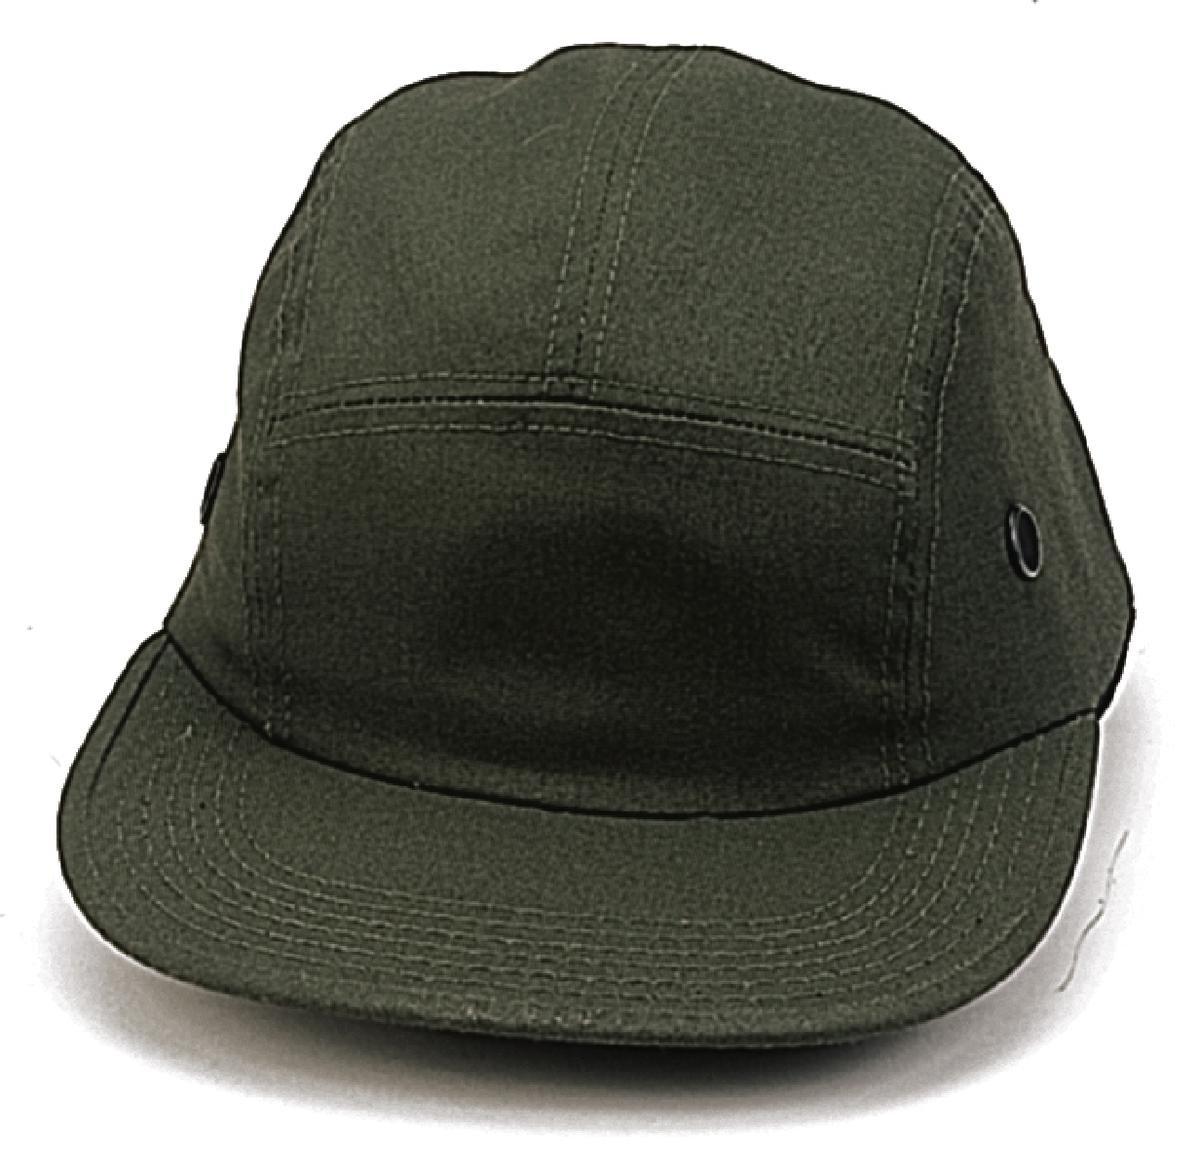 d7d6599ea319d Amazon.com   Rothco Street Cap